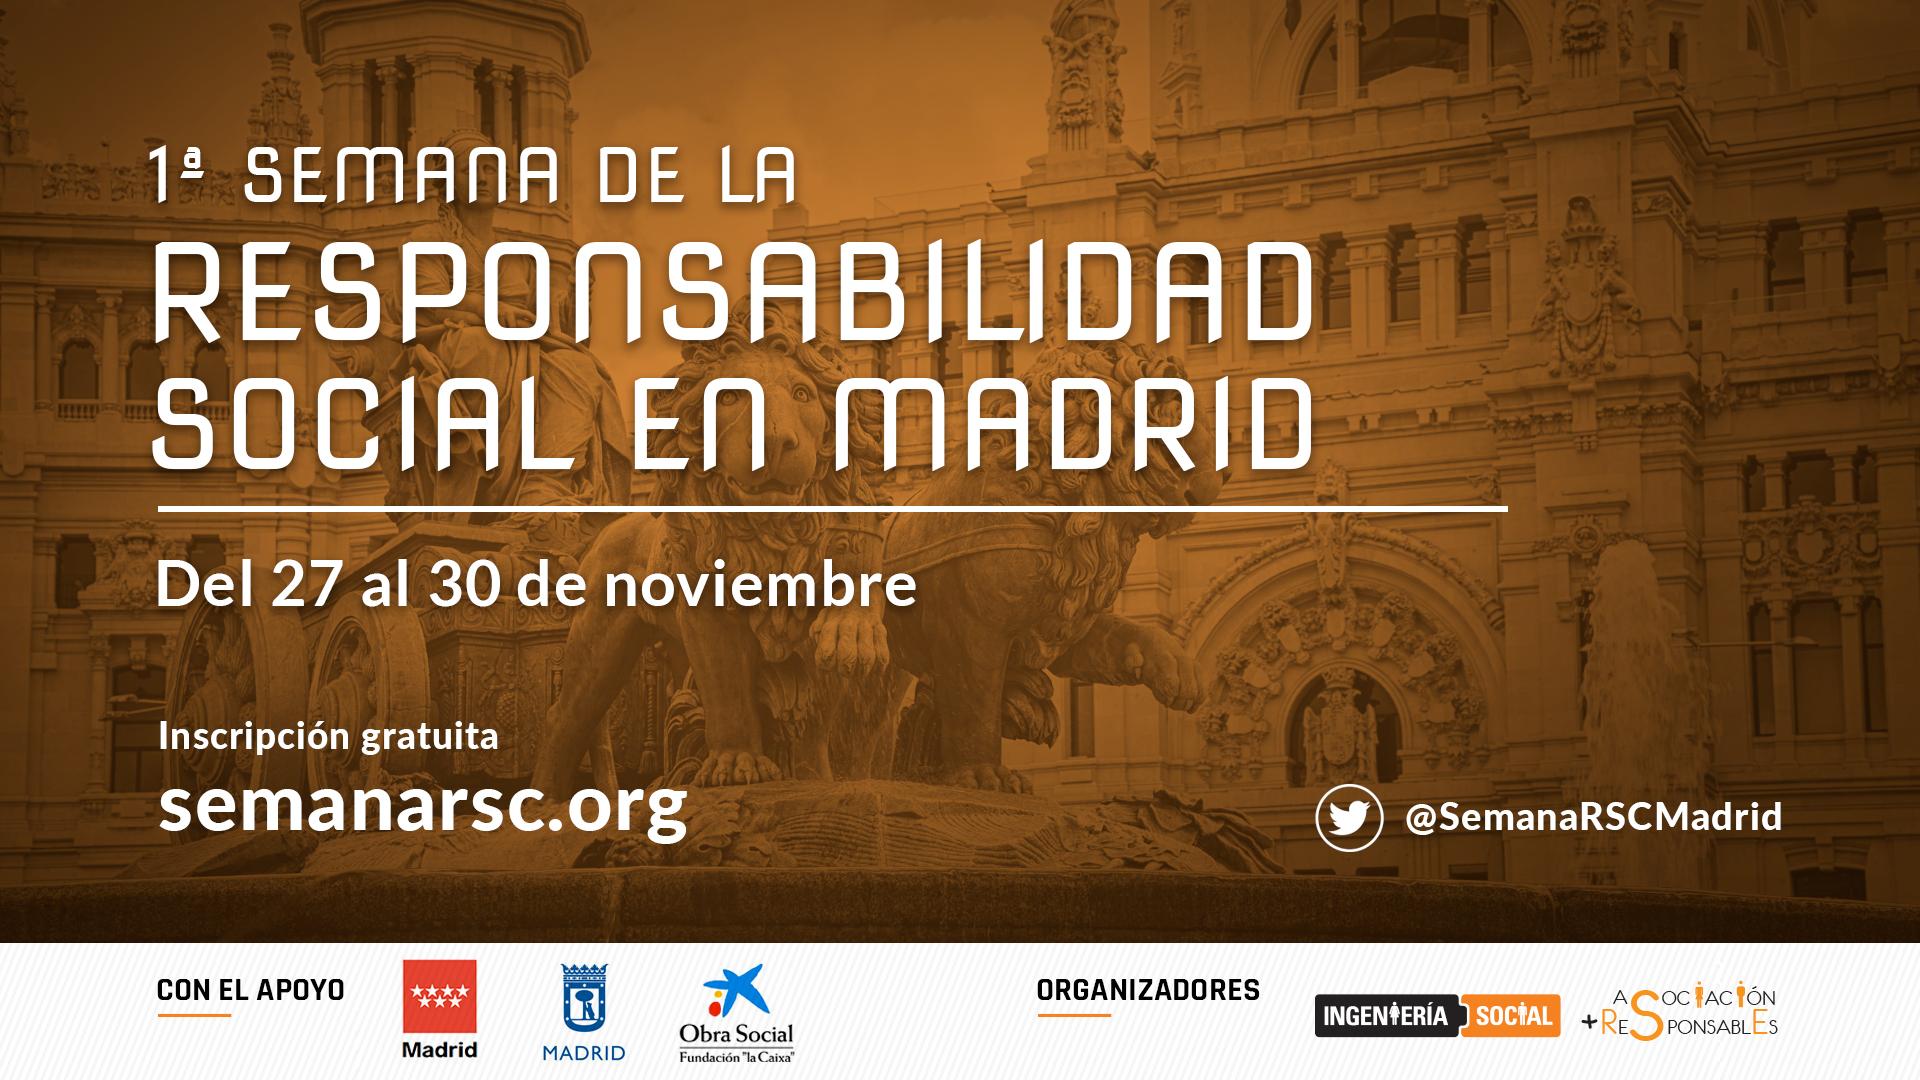 Imagen con el texto 1ª Semana de la Responsabilidad Social de Madrid